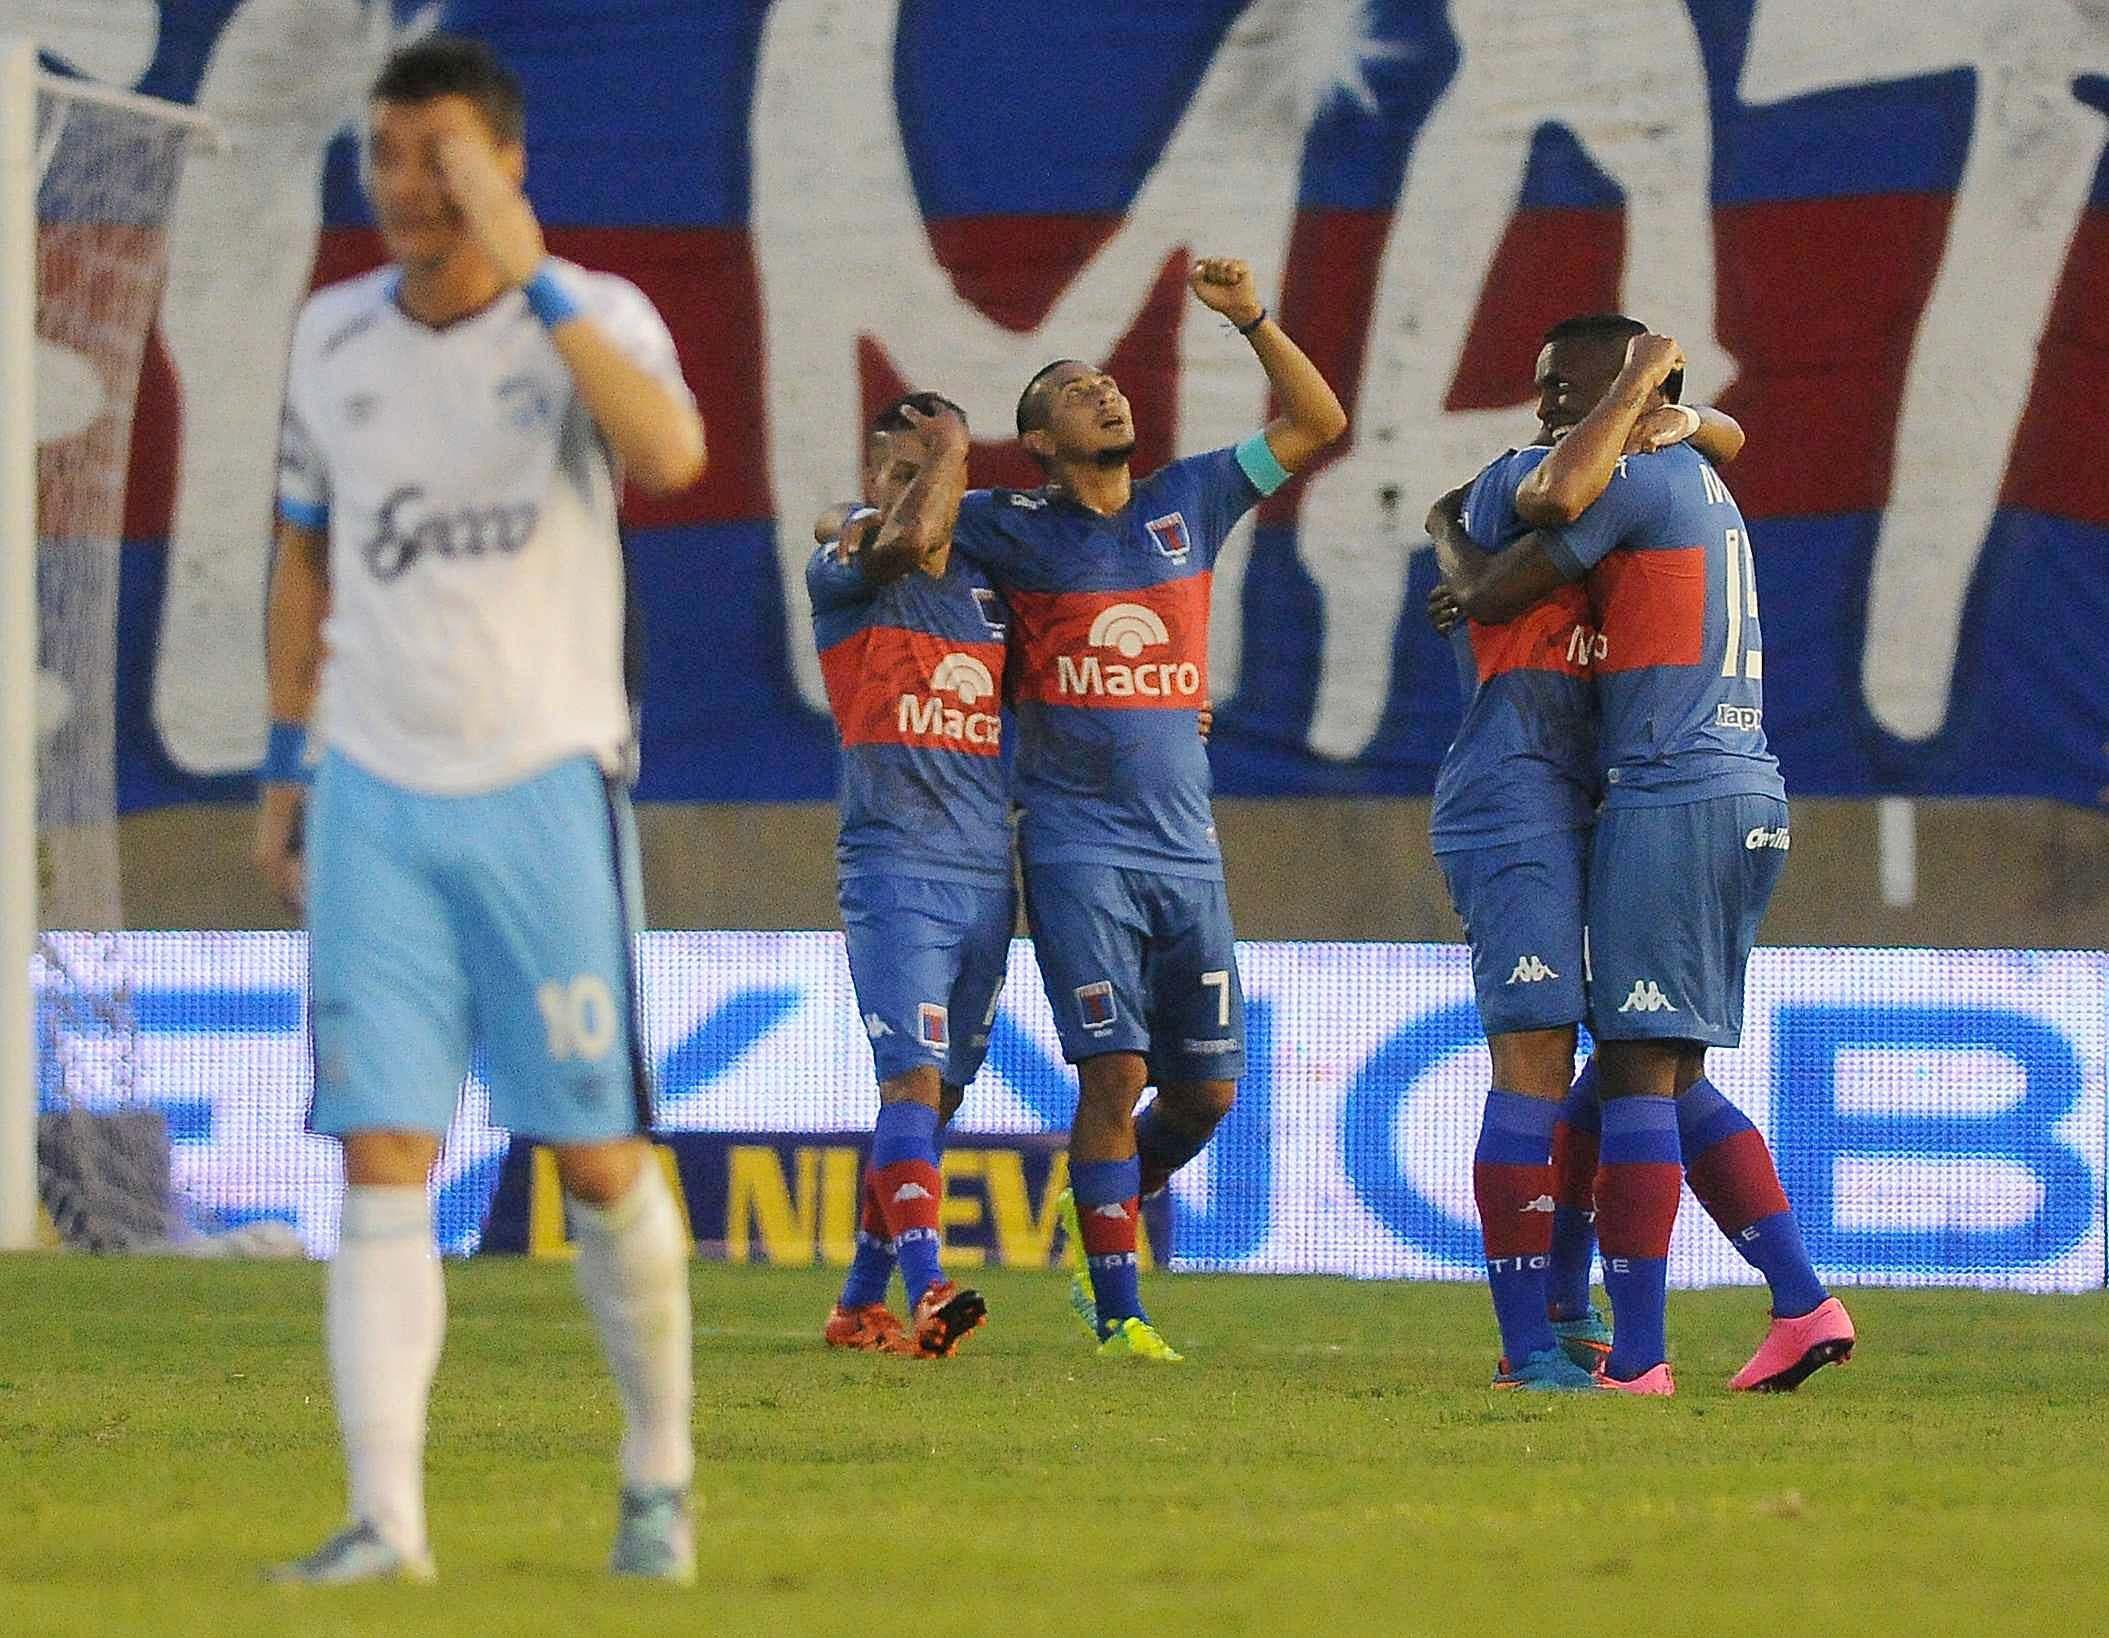 Tigre se hizo fuerte como local y aplastó a Atlético Tucumán